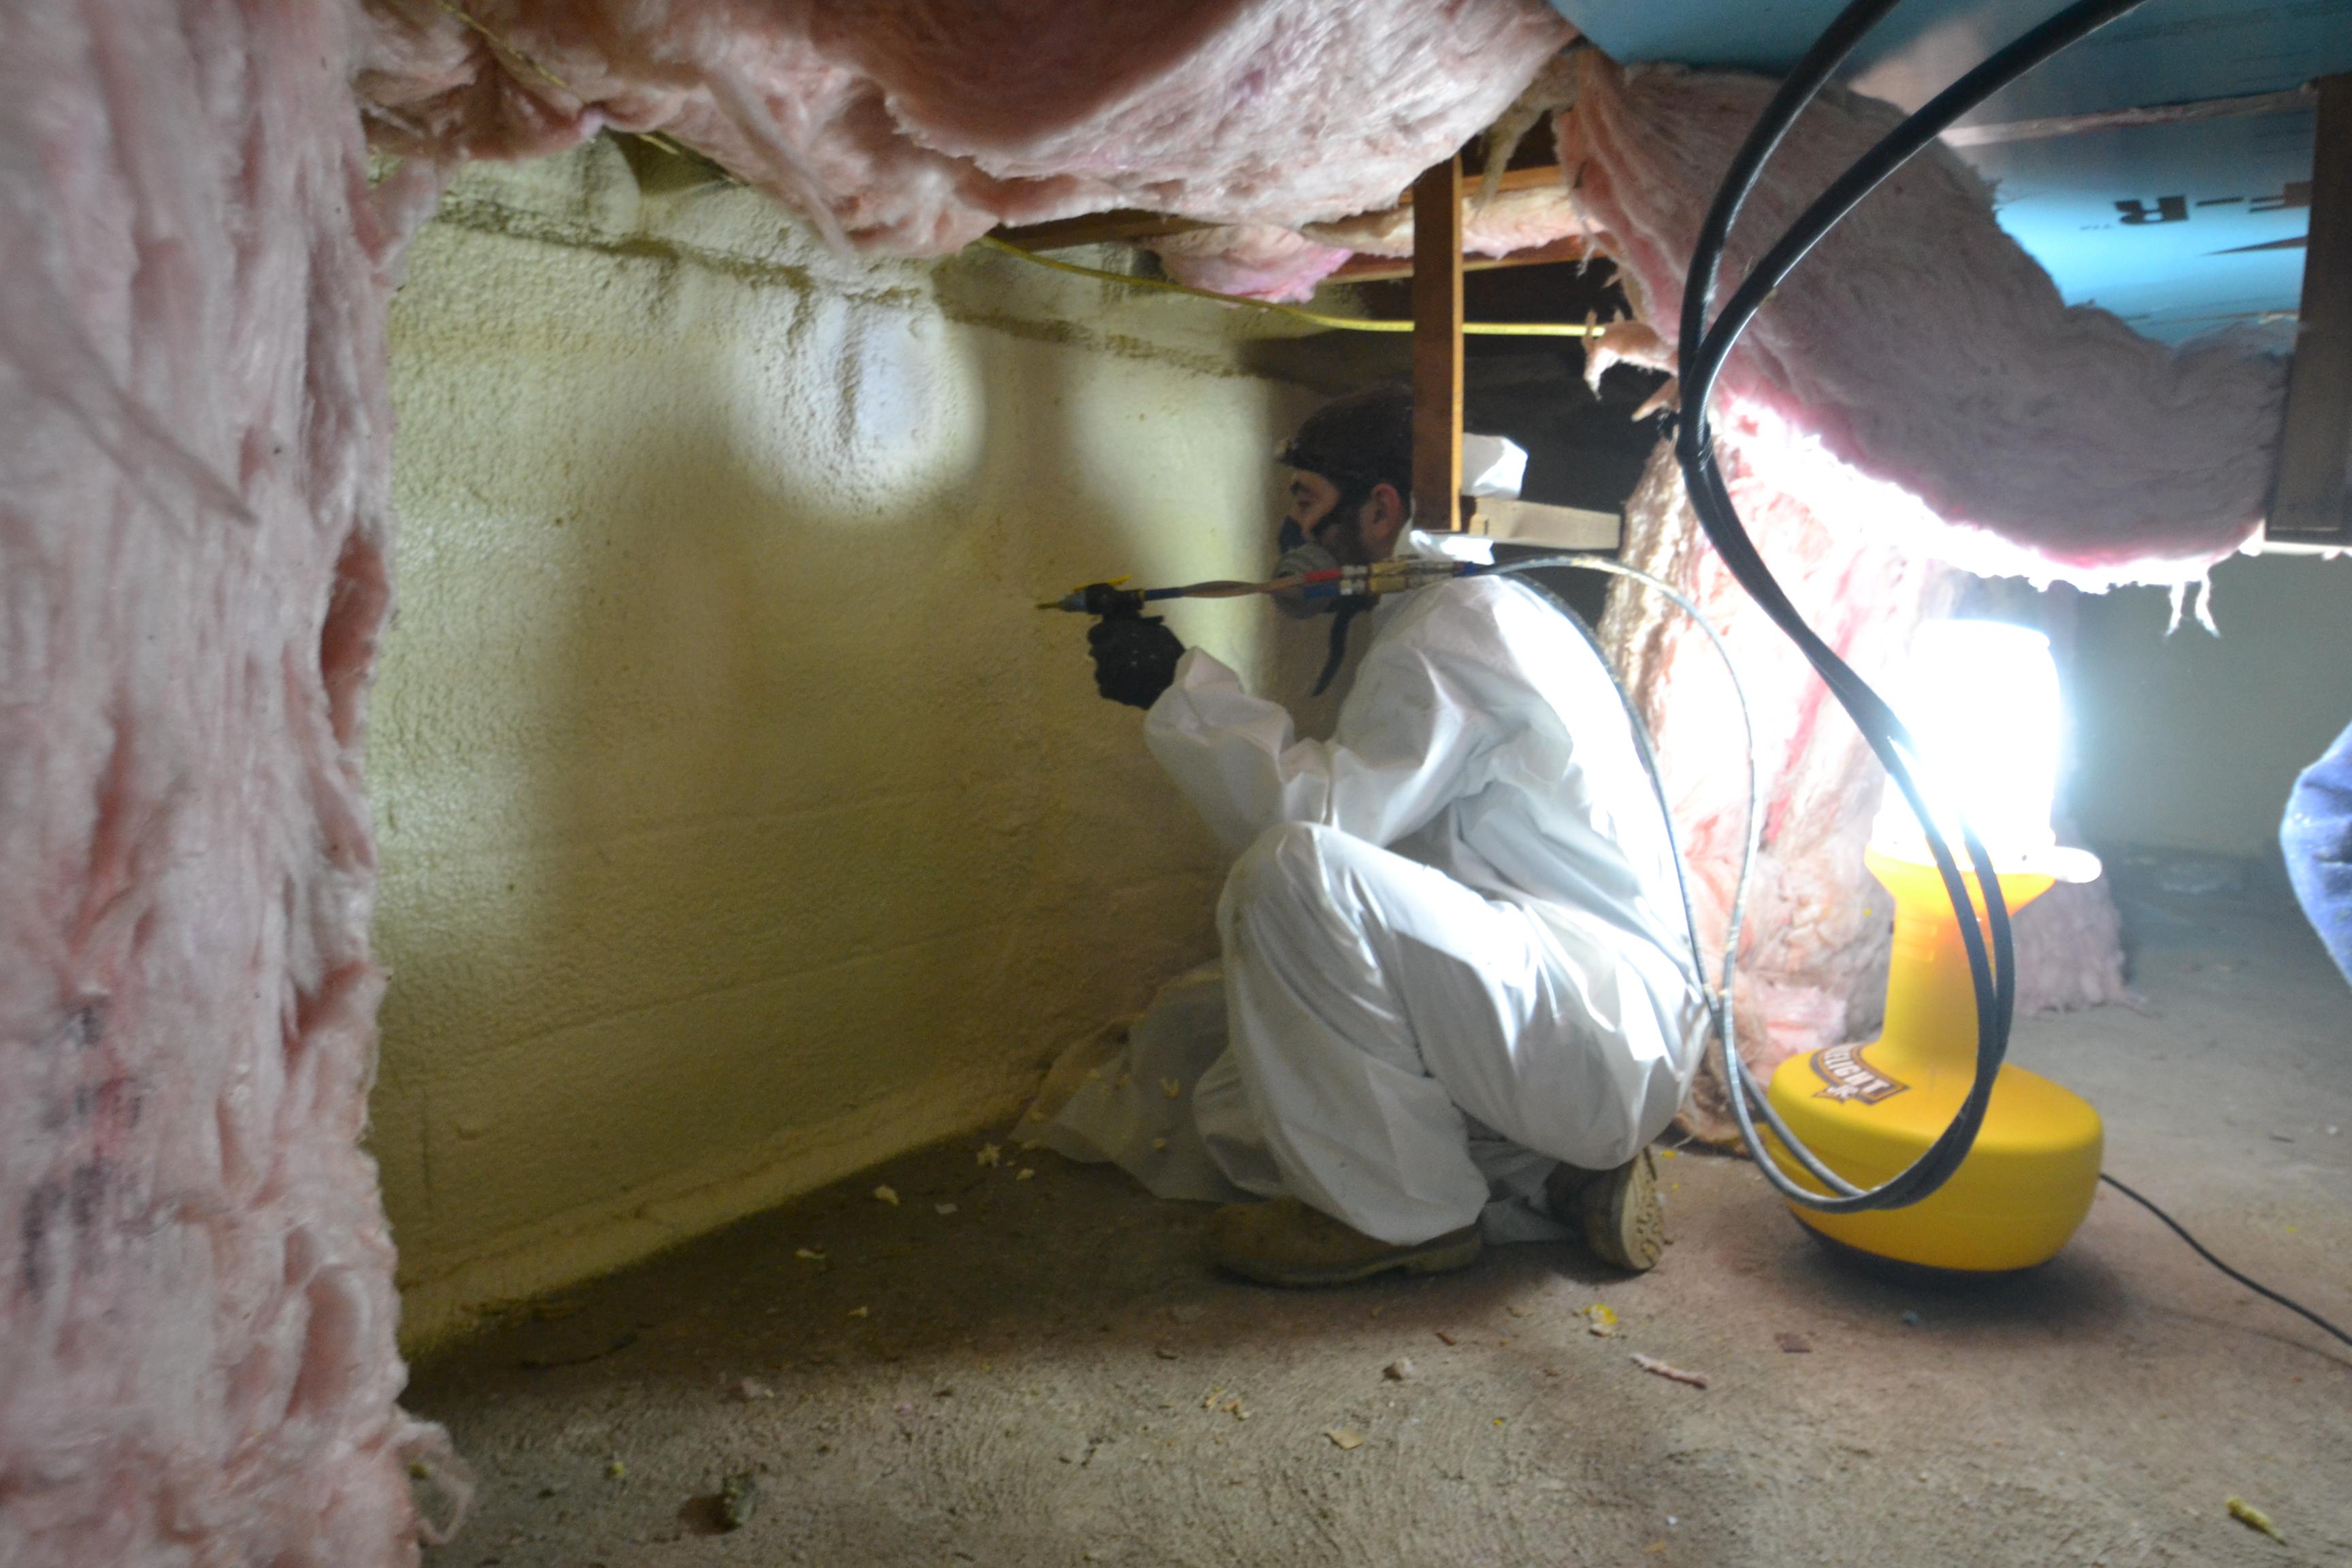 Spray foaming a crawlspace.